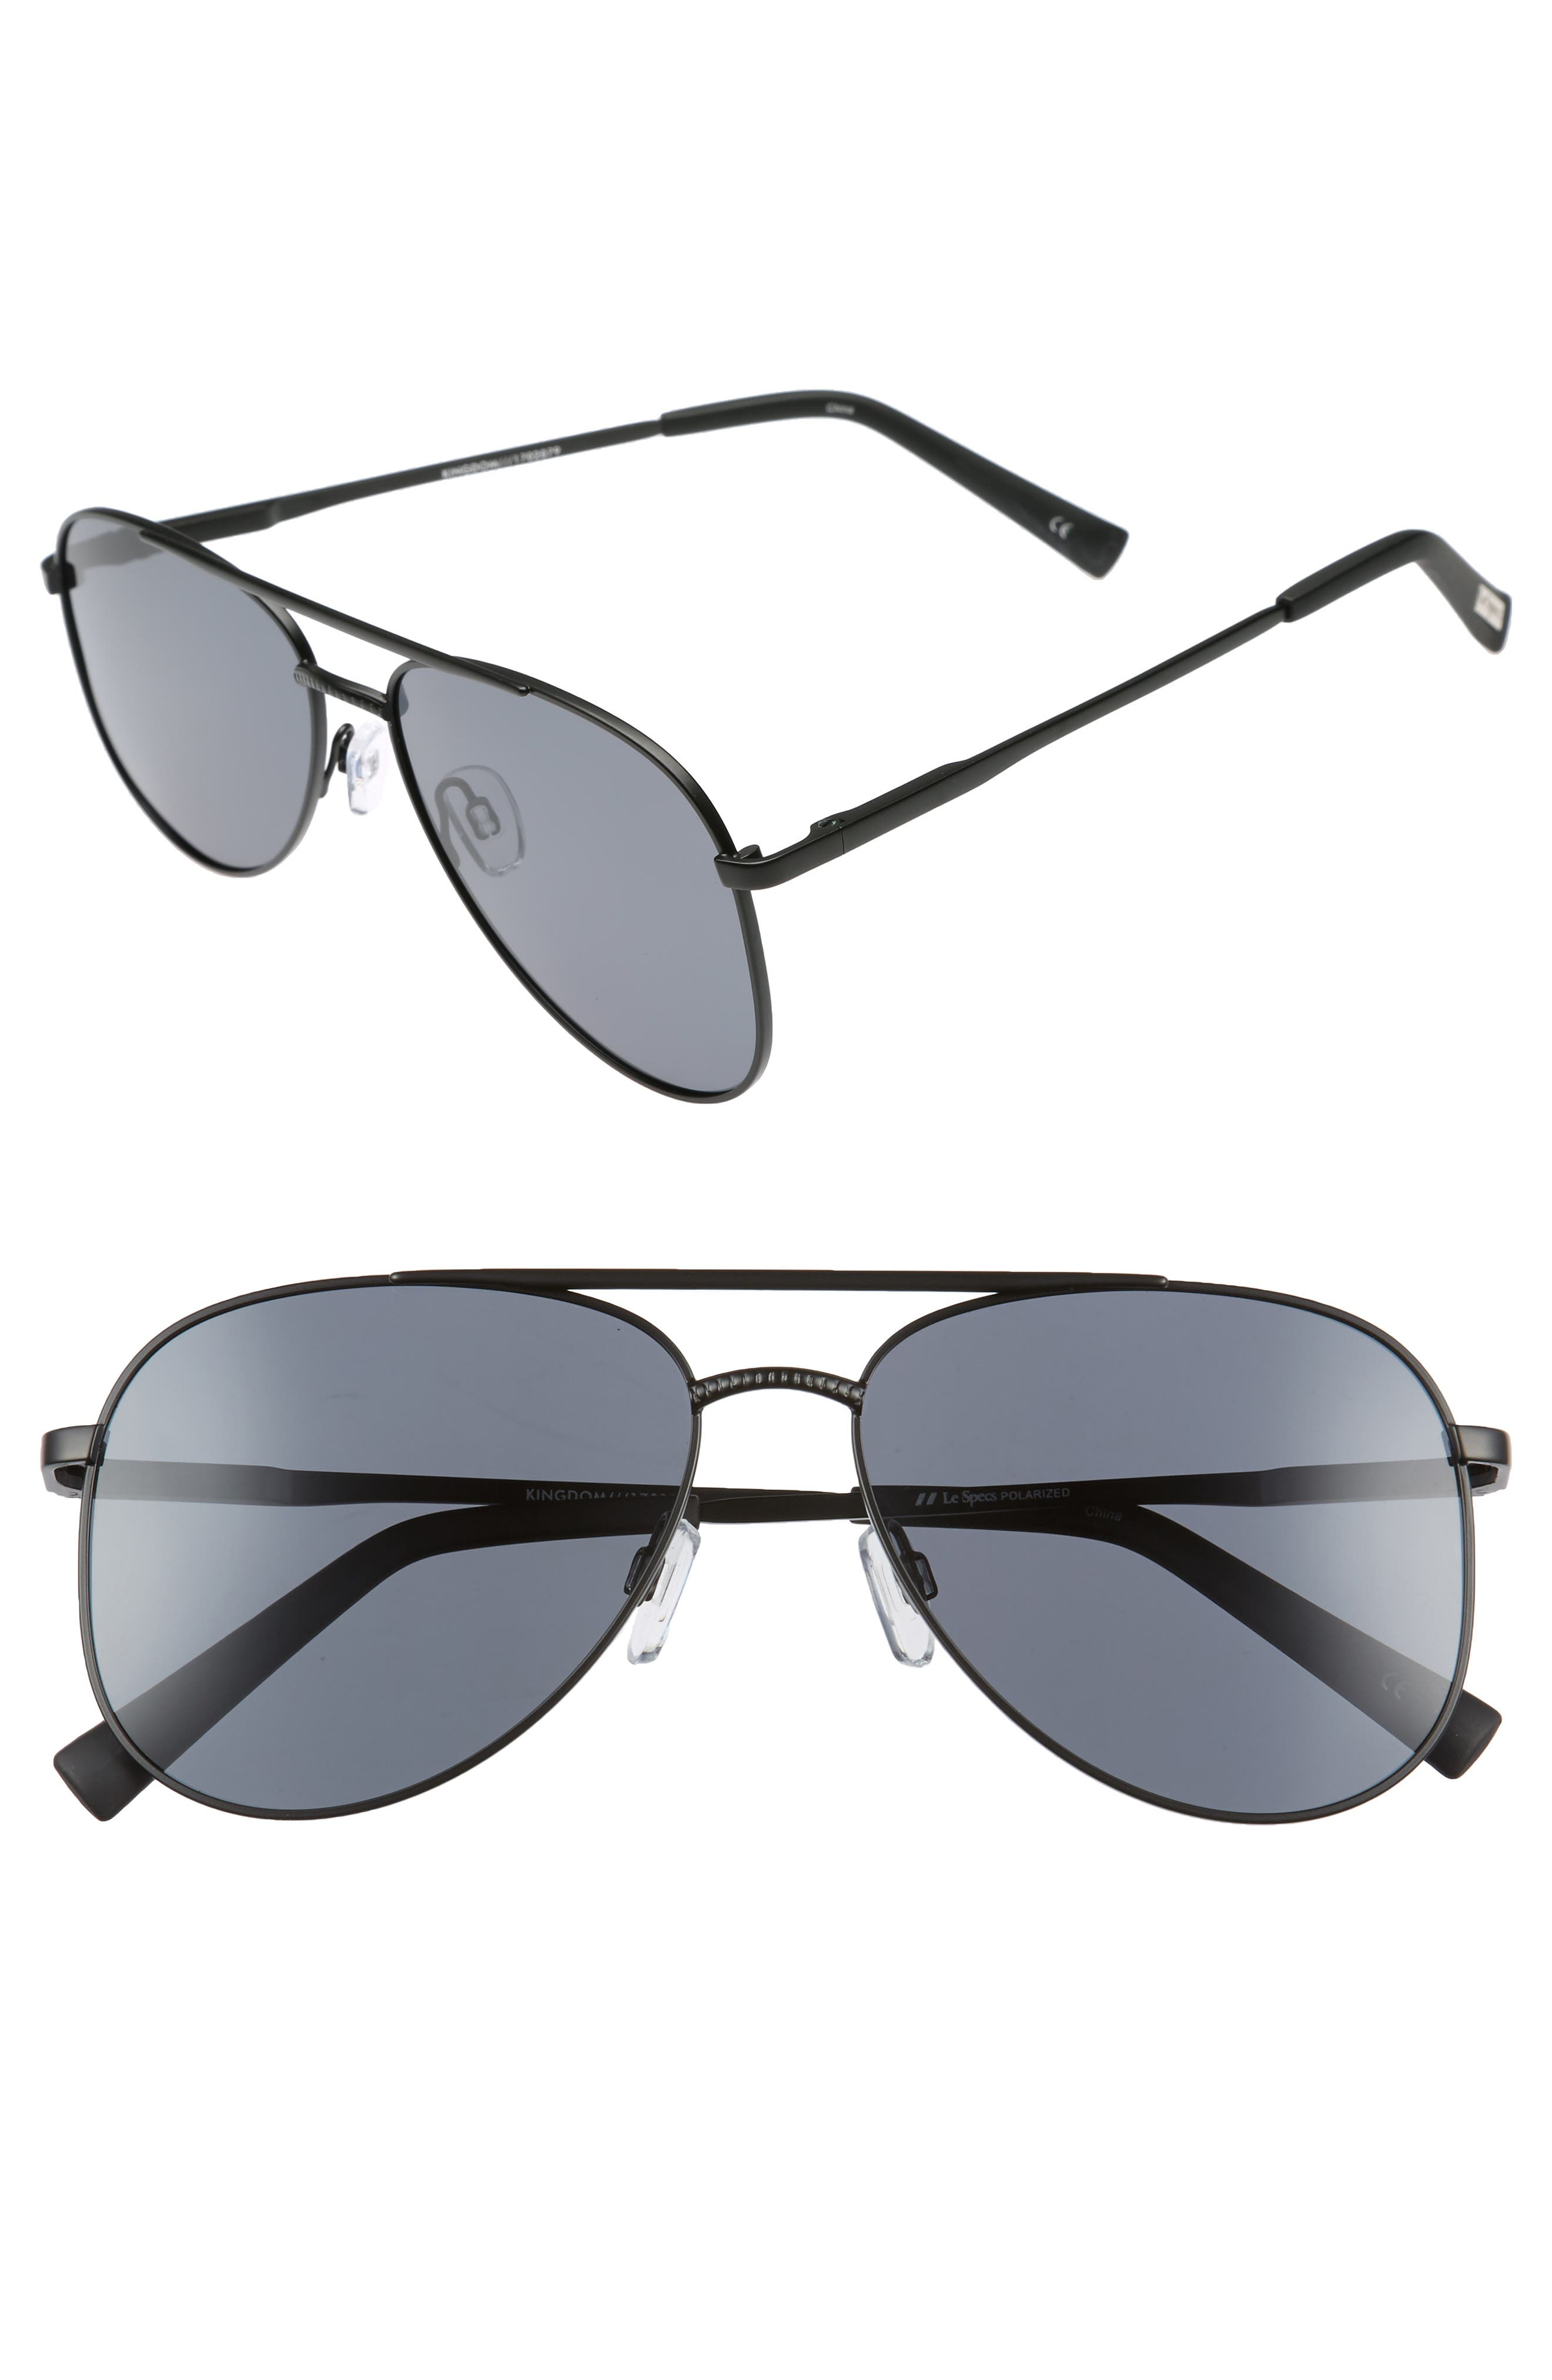 Kingdom 57mm Polarized Aviator Sunglasses,                             Main thumbnail 1, color,                             Matte Black